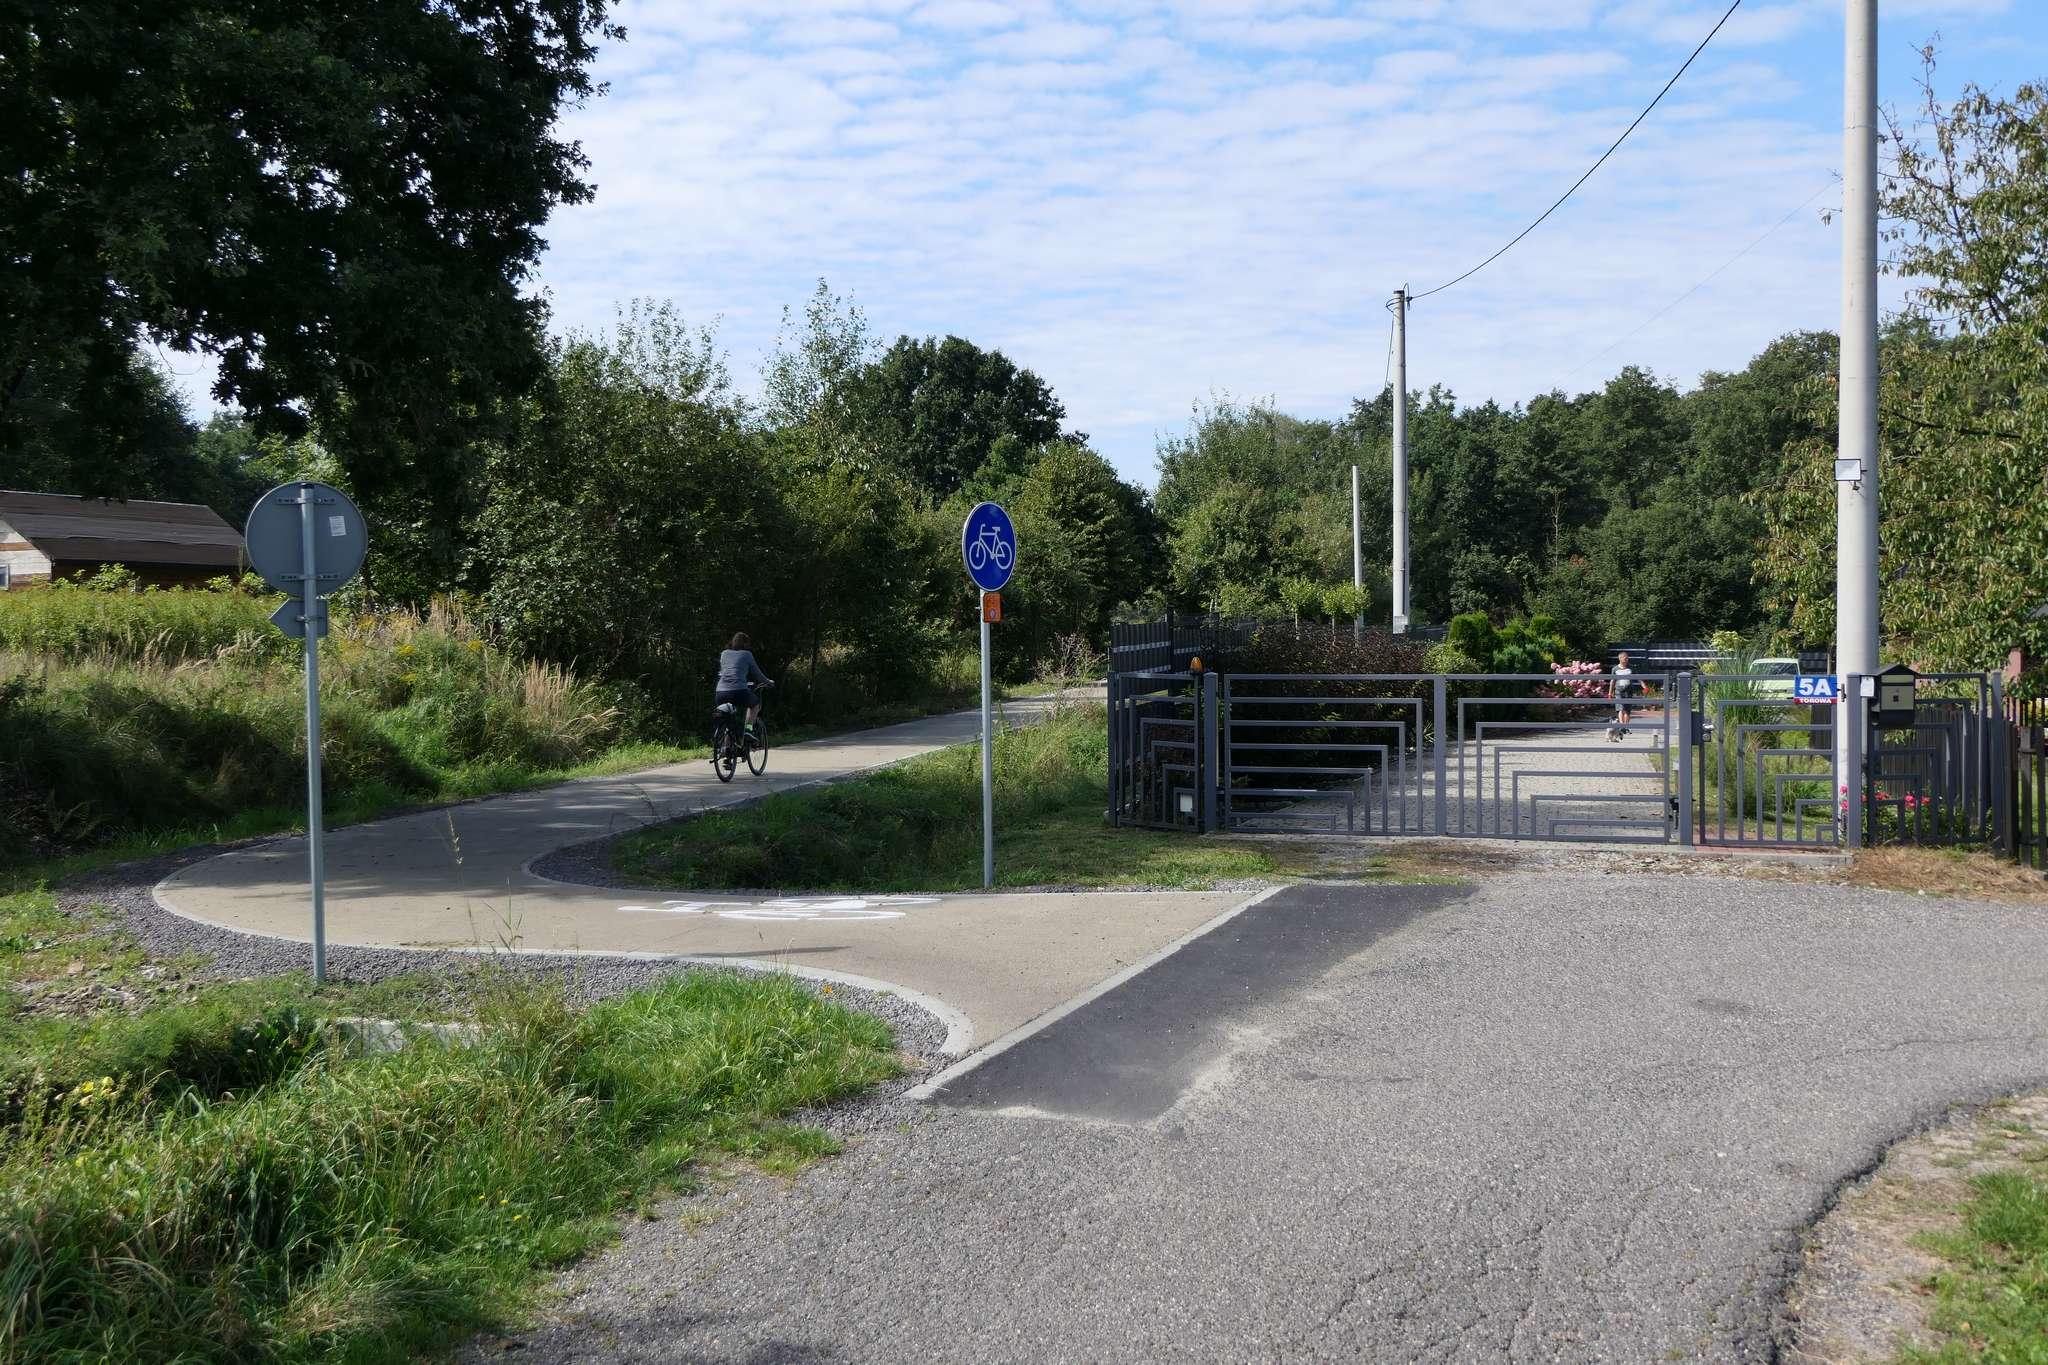 """Niewygodny """"bypass"""" torowiska z wykorzystaniem ul. Torowej. Chyba tylko po to, żeby pokazać rowerzystom jak wcześniej wyglądało torowisko."""